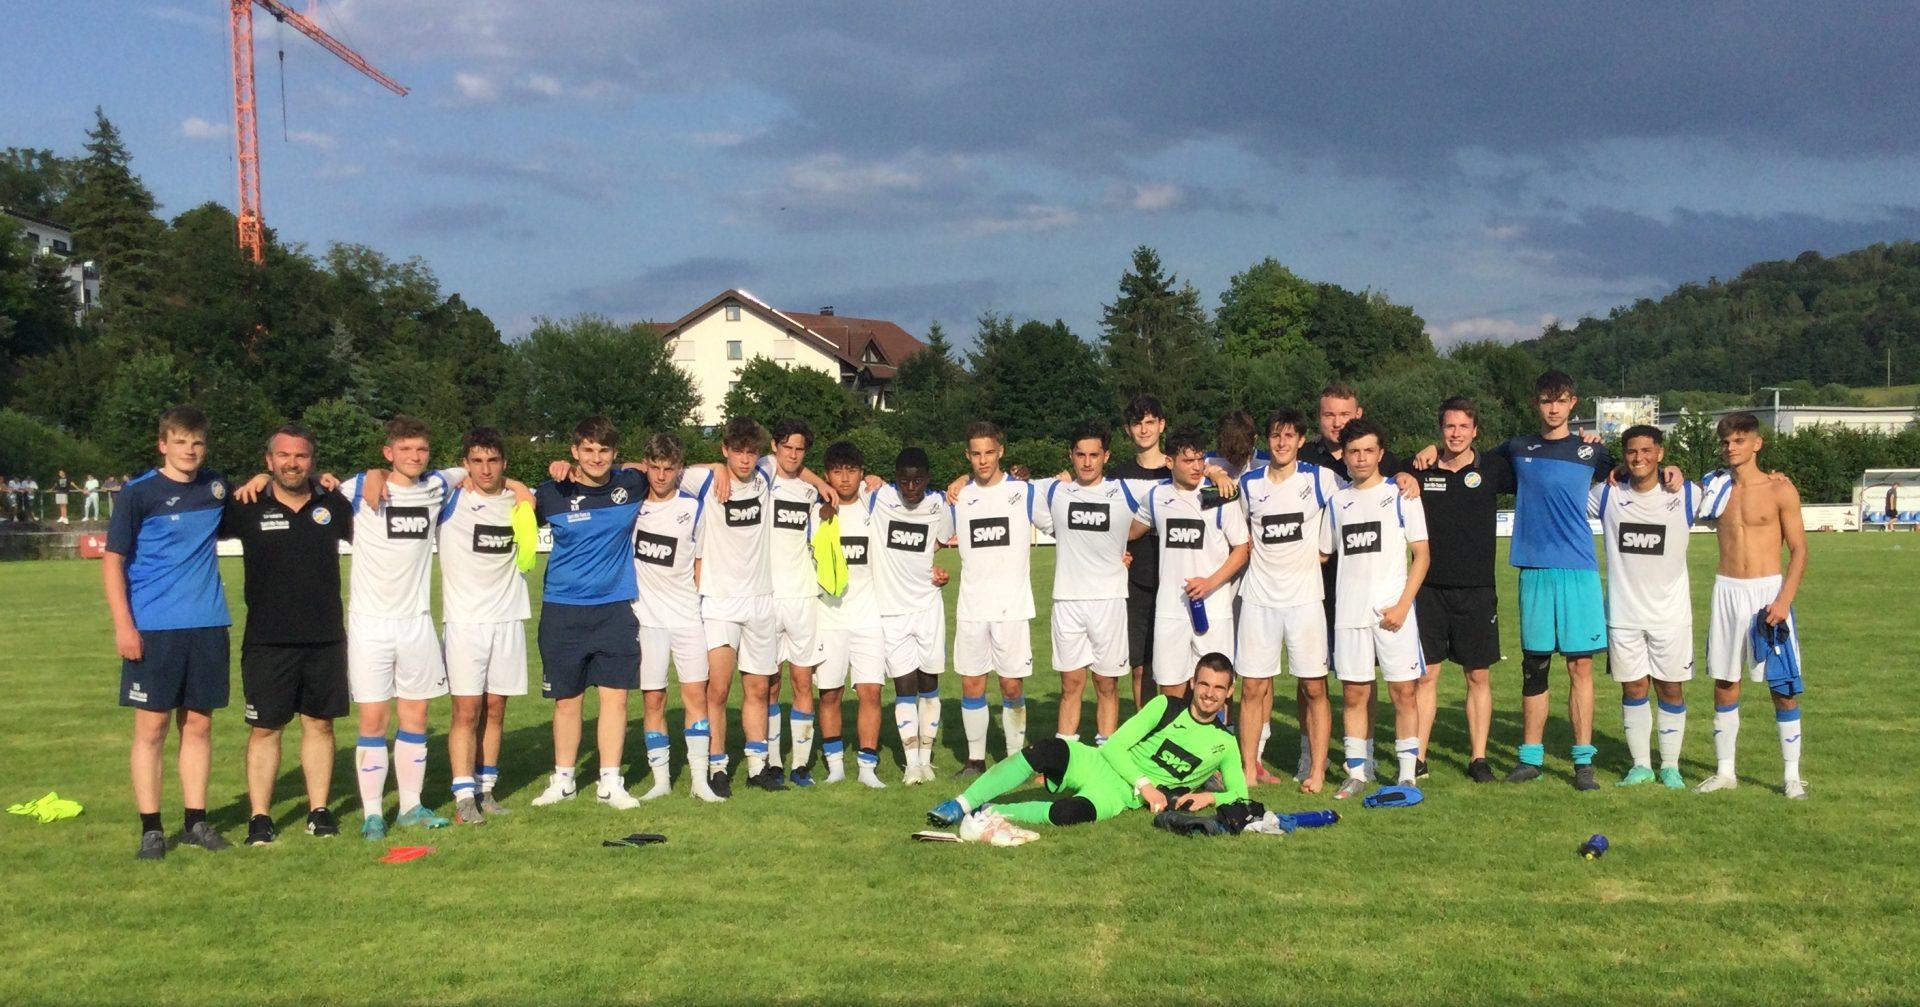 U18 unterliegt im Pokalfinale knapp